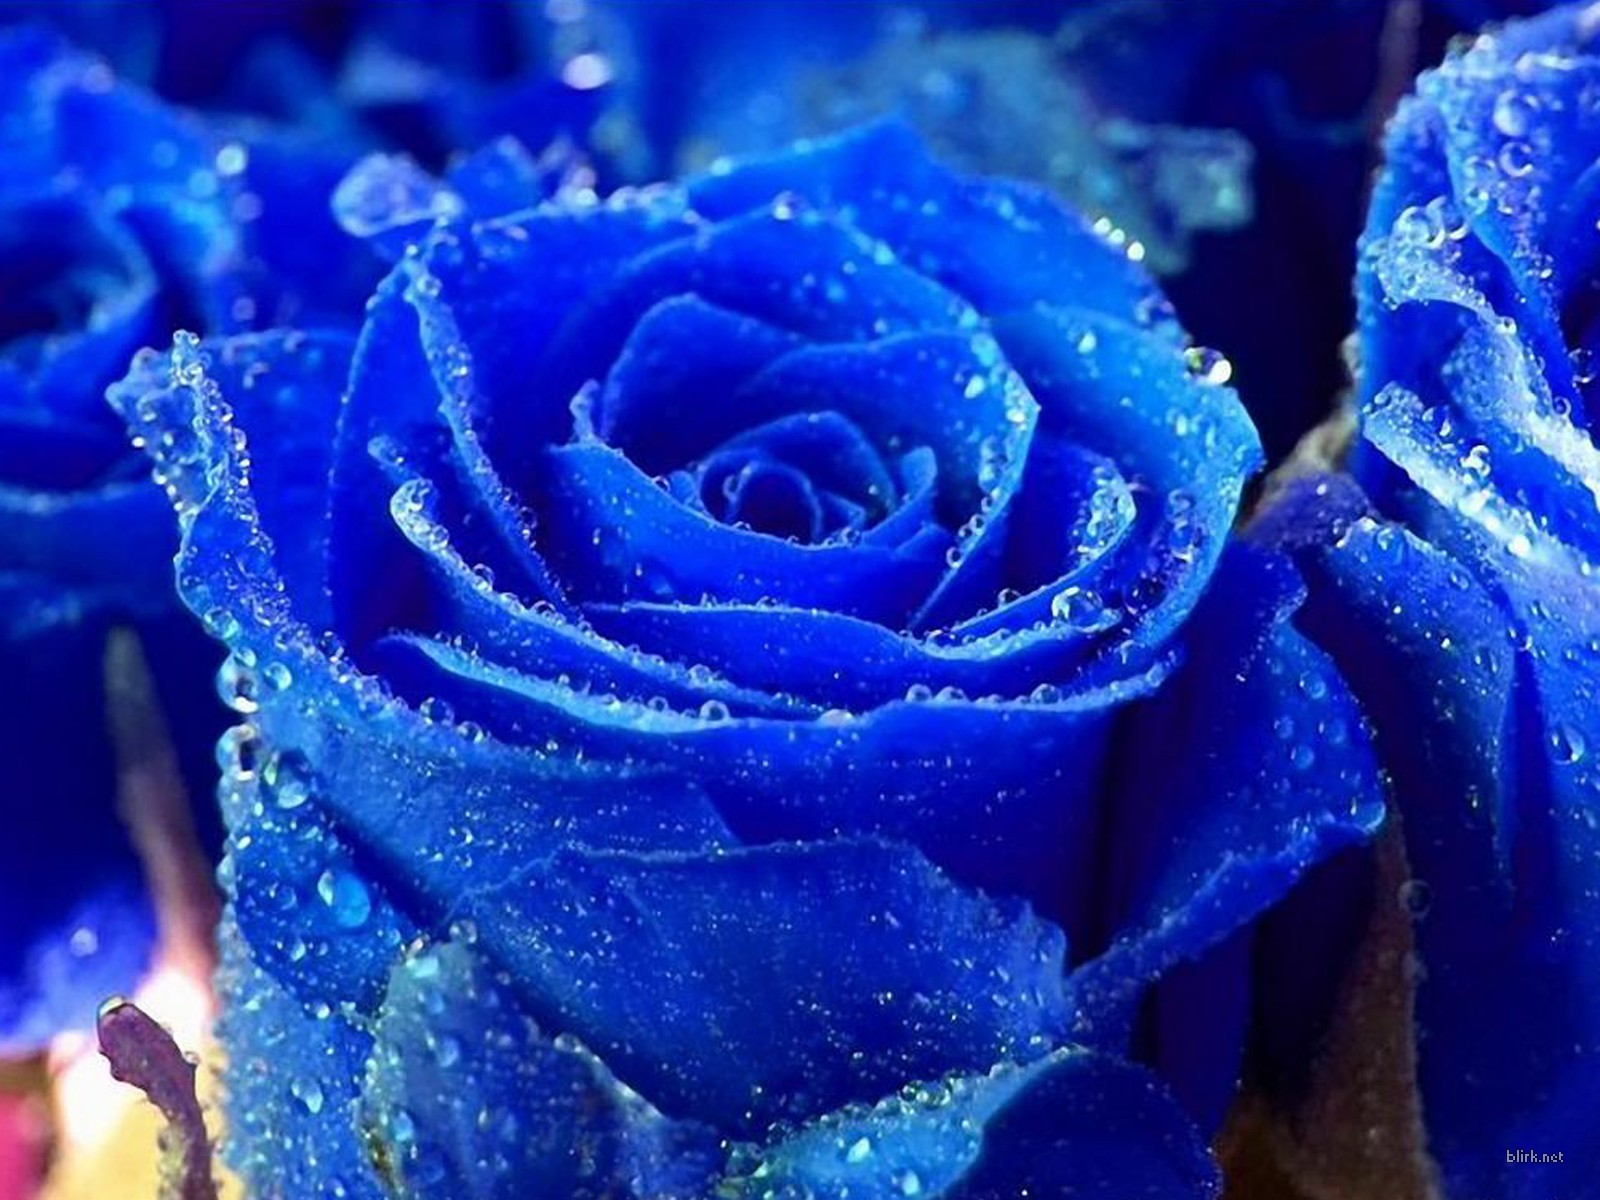 Blue Rose Wallpaper For Desktop 30 Background Hdflowerwallpaper Com